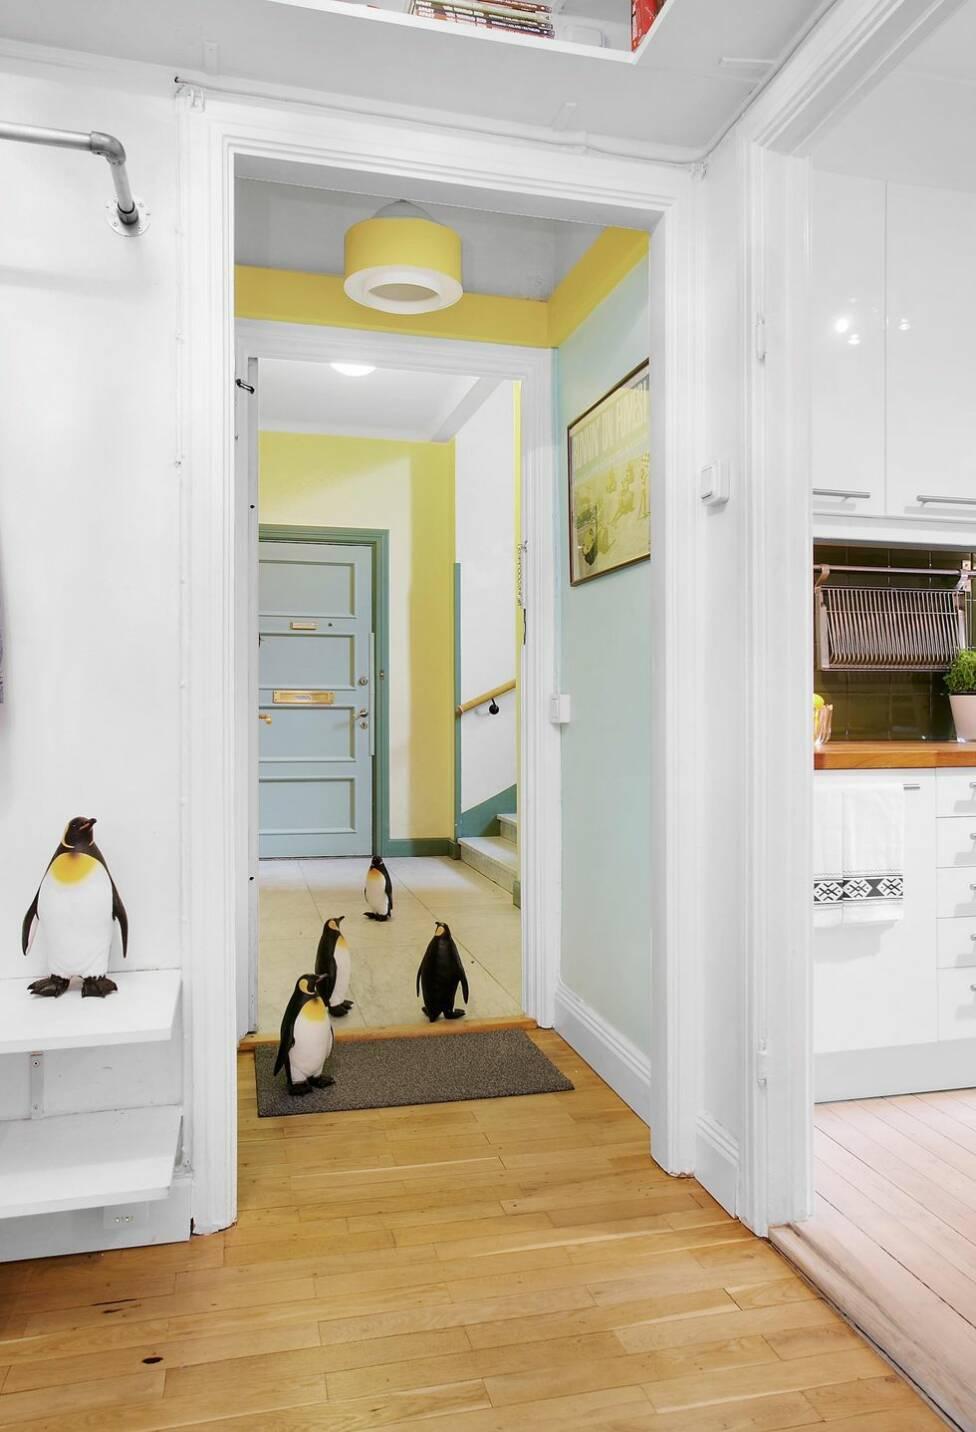 Det finns många bra anledningar till att den här lägenheten är full av pingviner